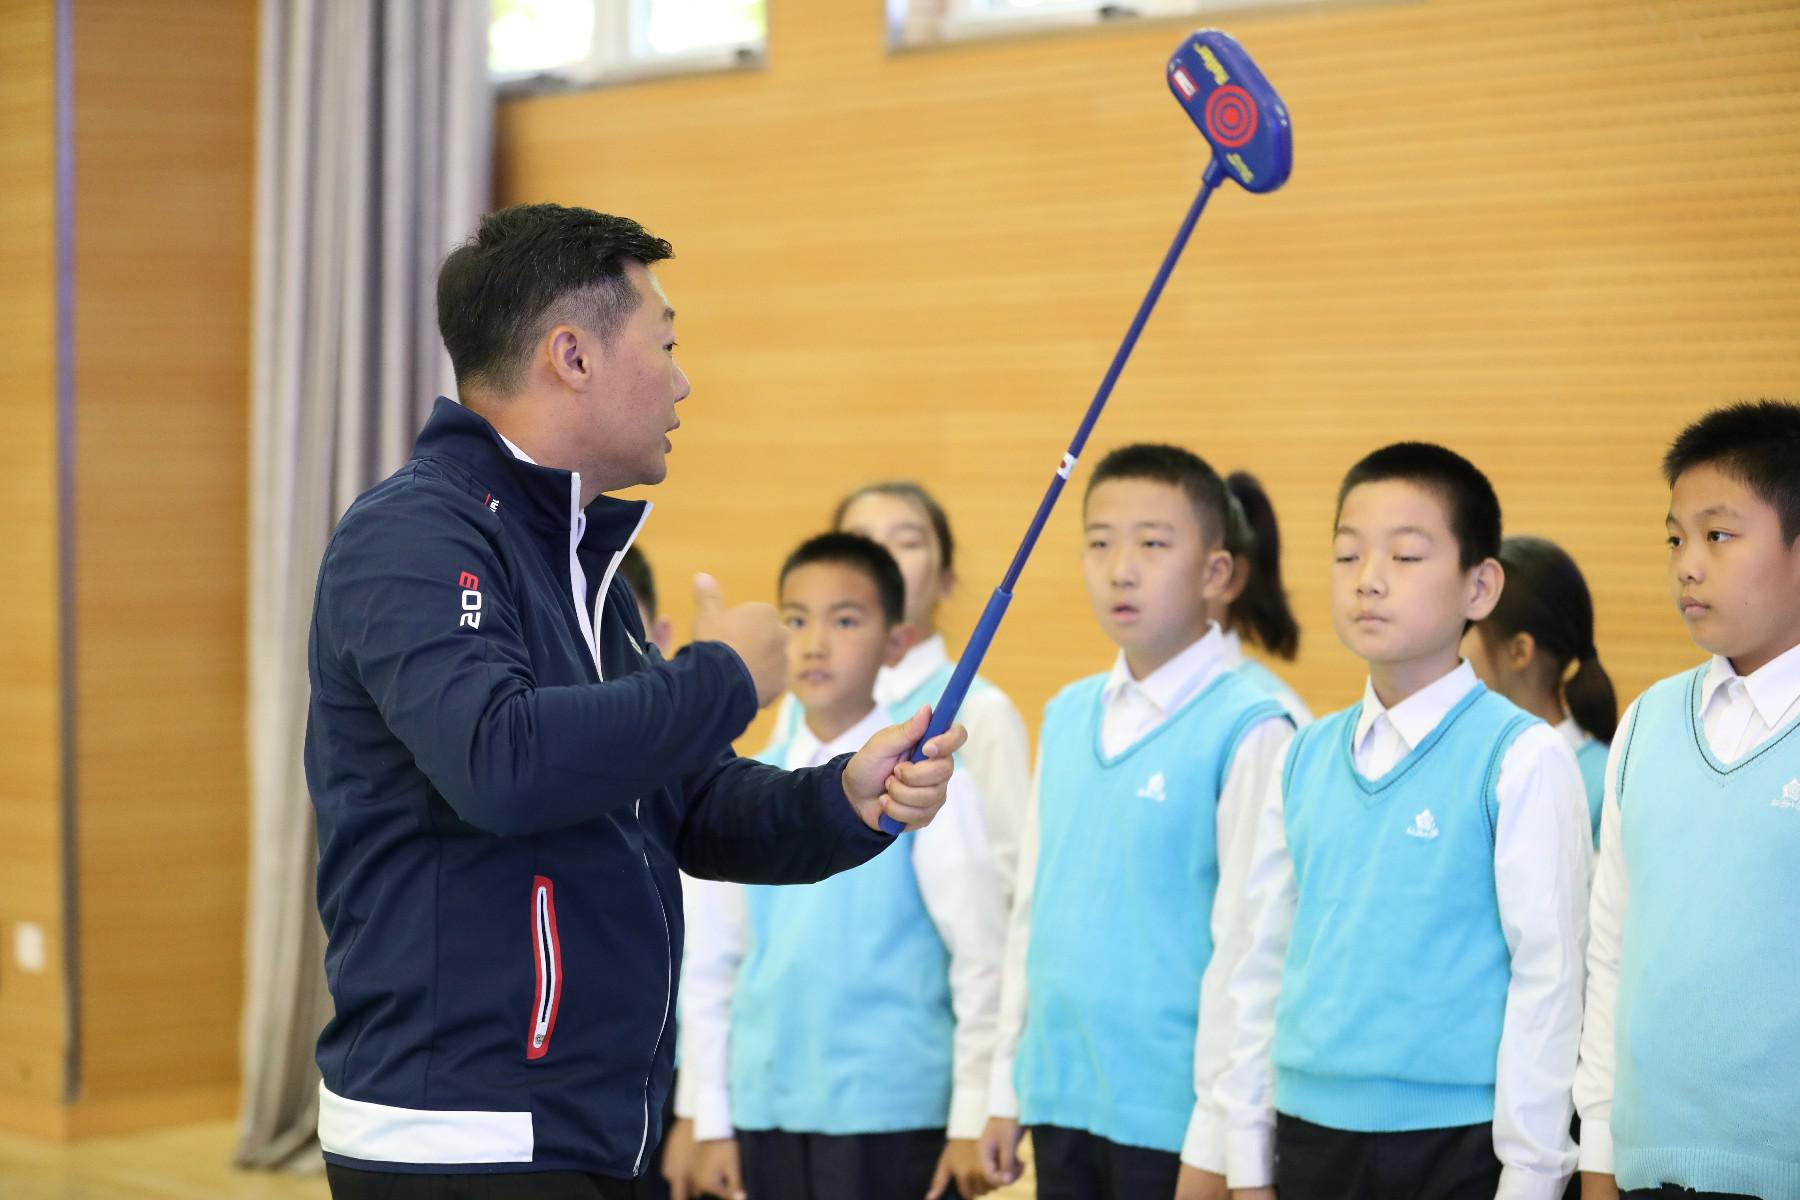 高尔夫体育课拉开中高协校园高尔夫发展计划序幕